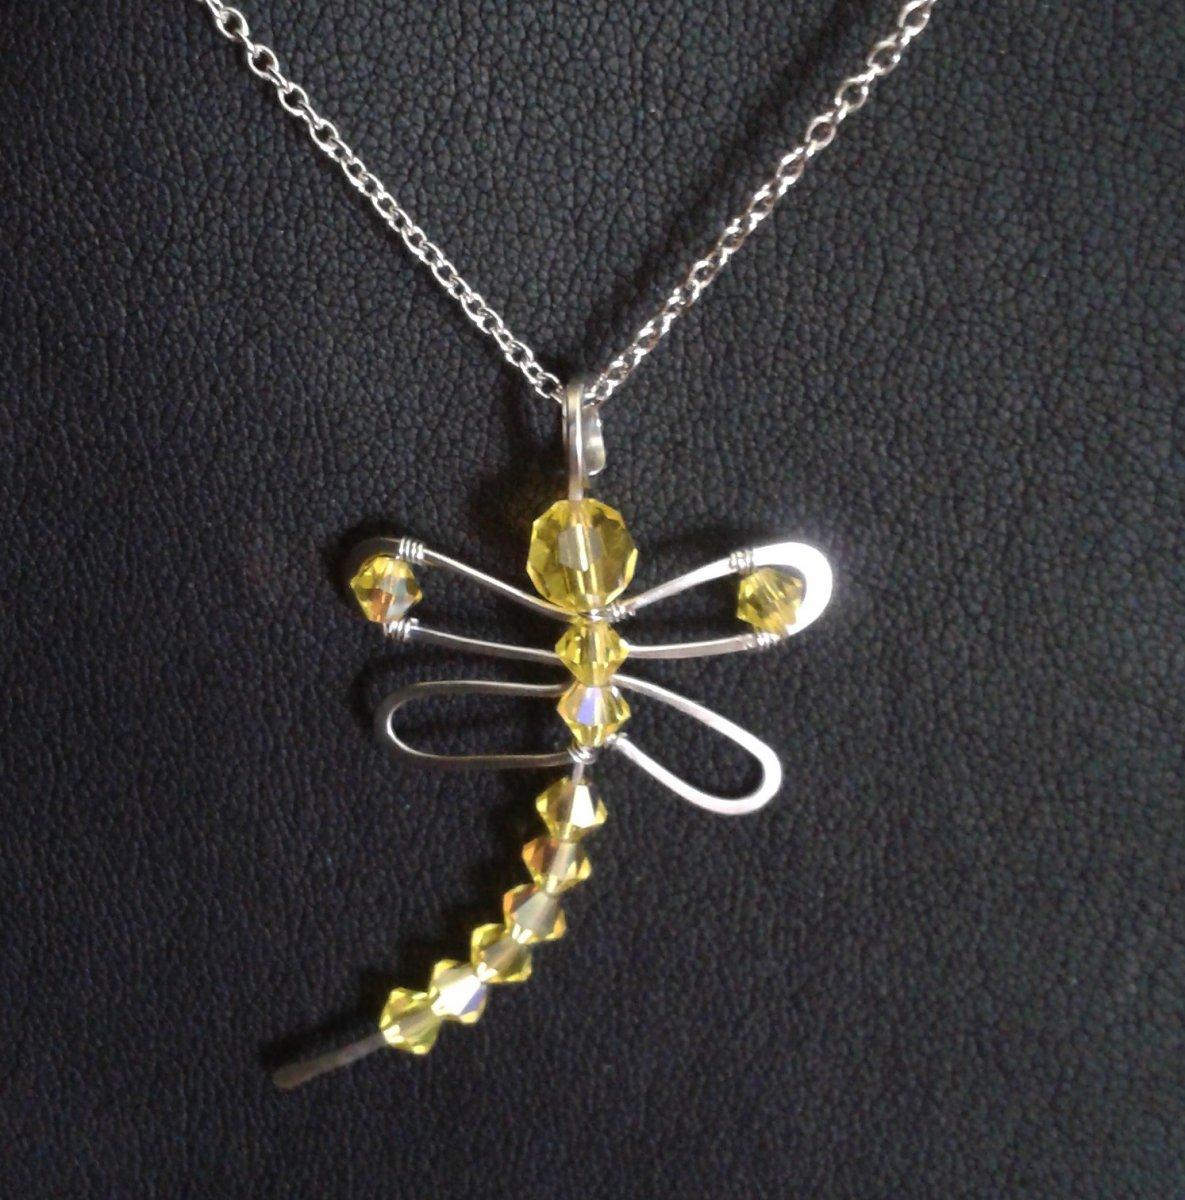 Zlatá vážka - přívěšek - Swarovski - hypoalergenní – Potvor ... 76a55107803